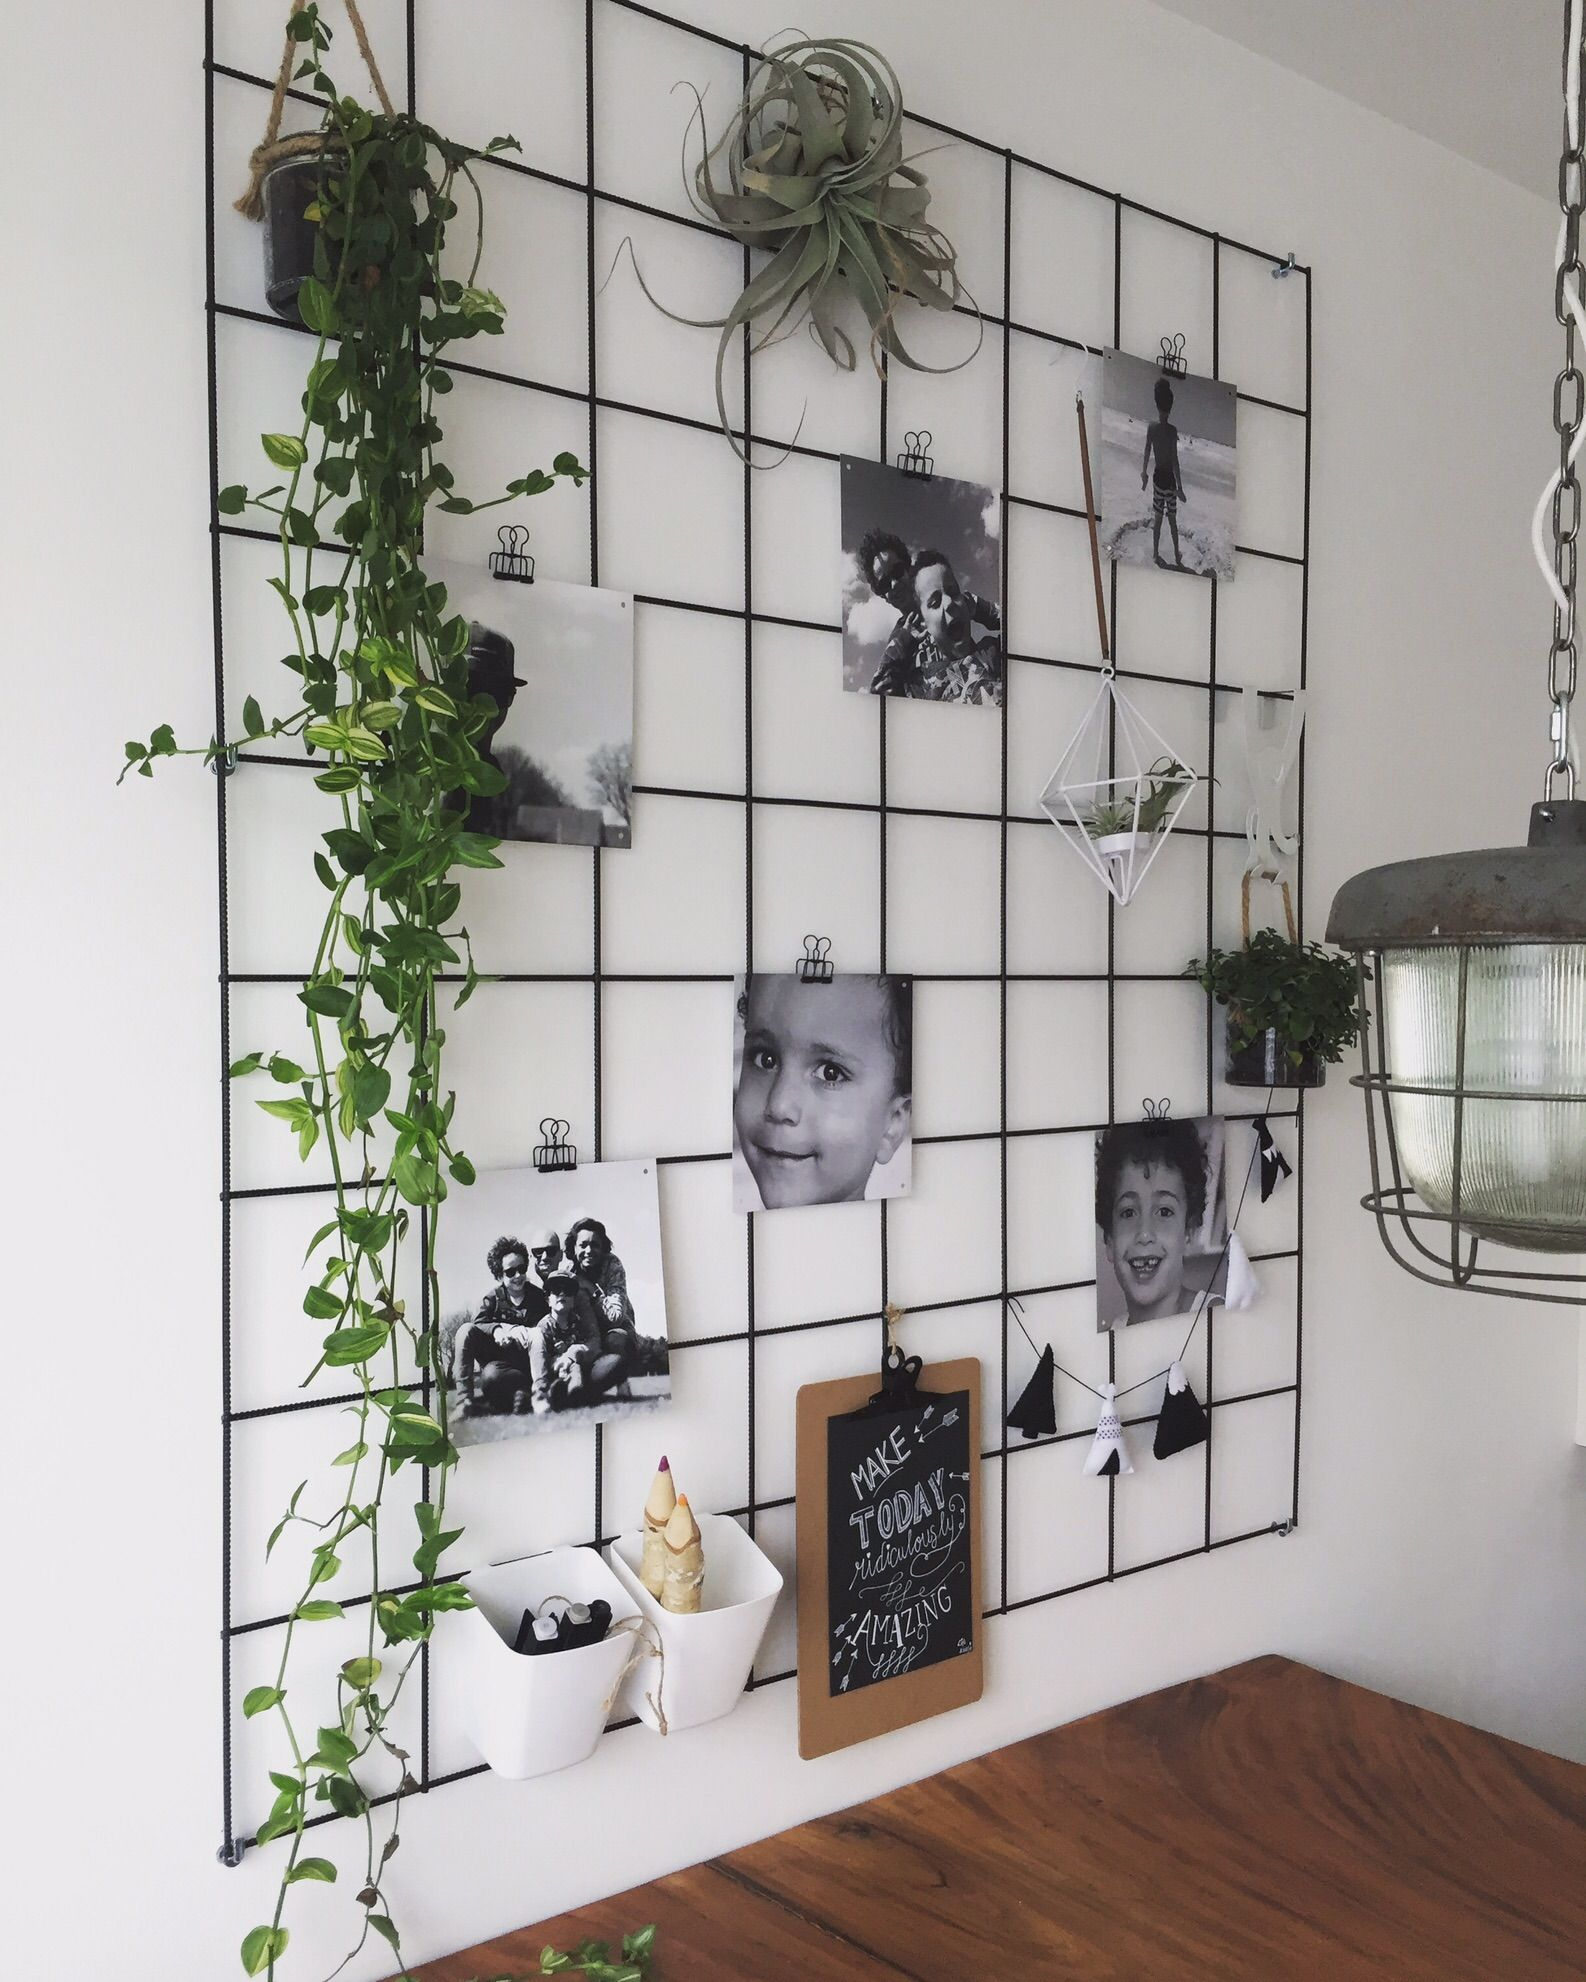 flexa creation early dew : Eetkamer Binnenkijken Bij Caatje Bedrooms Room And Interiors